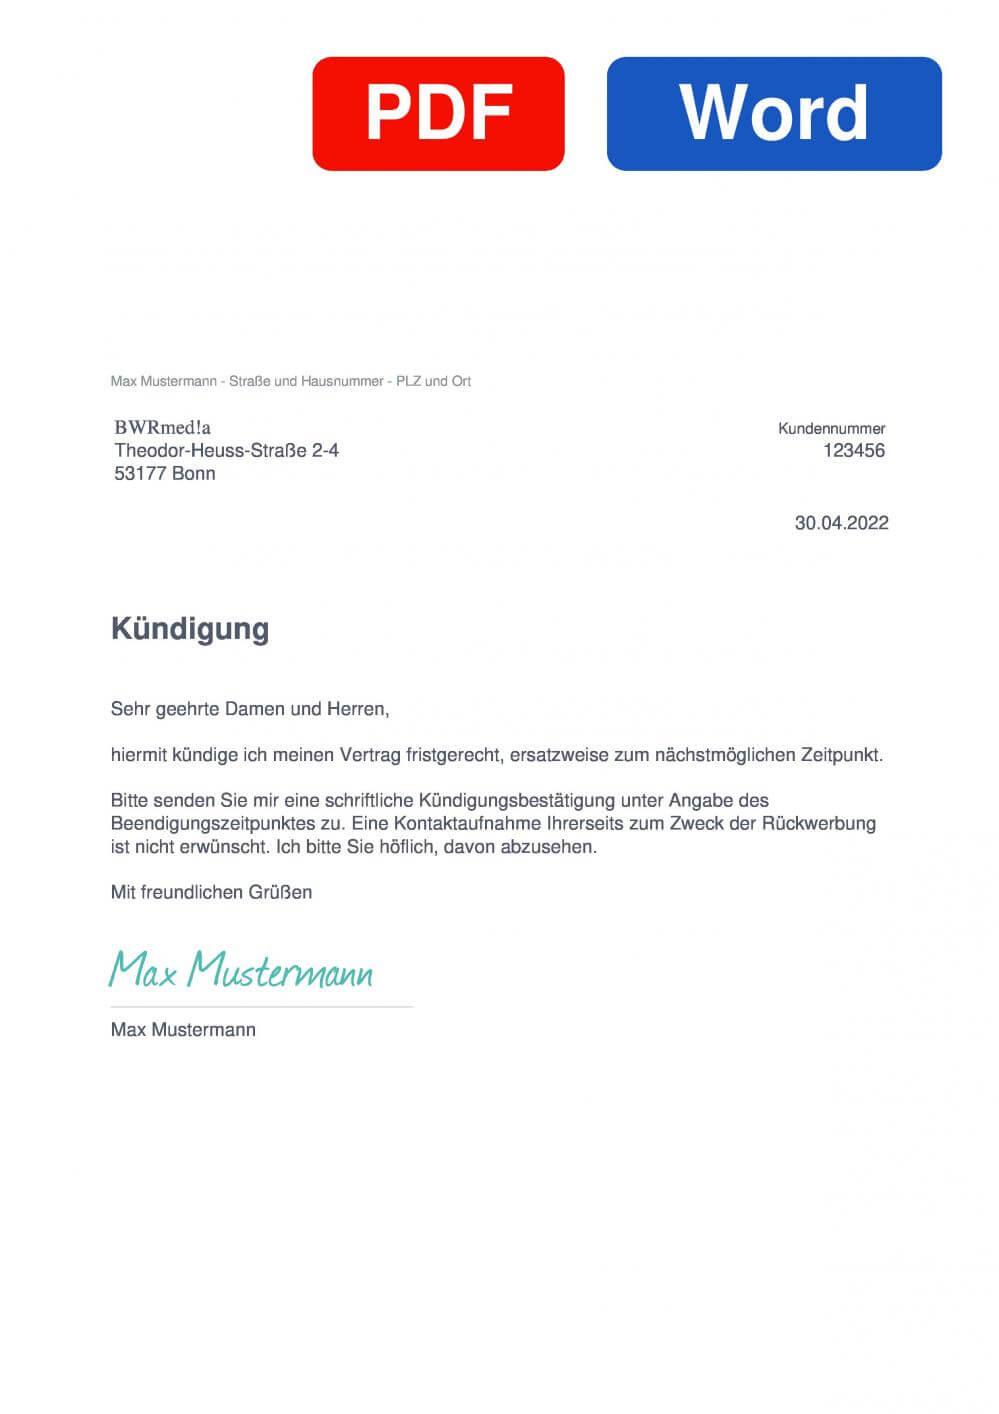 BWR media Muster Vorlage für Kündigungsschreiben